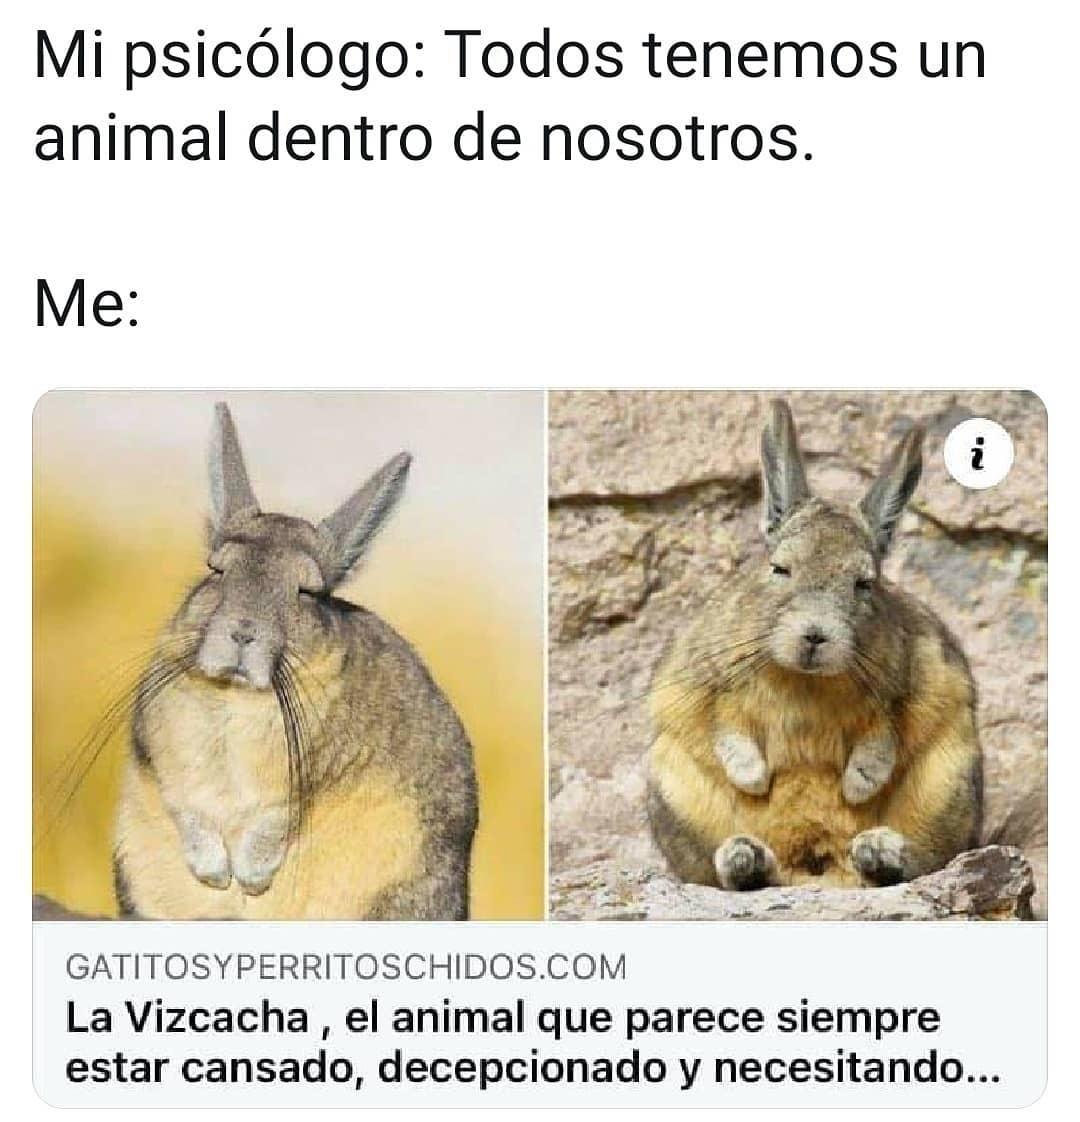 Mi psicólogo: Todos tenemos un animal dentro de nosotros.  Me: La Vizcacha , el animal que parece siempre estar cansado, decepcionado y necesitando.